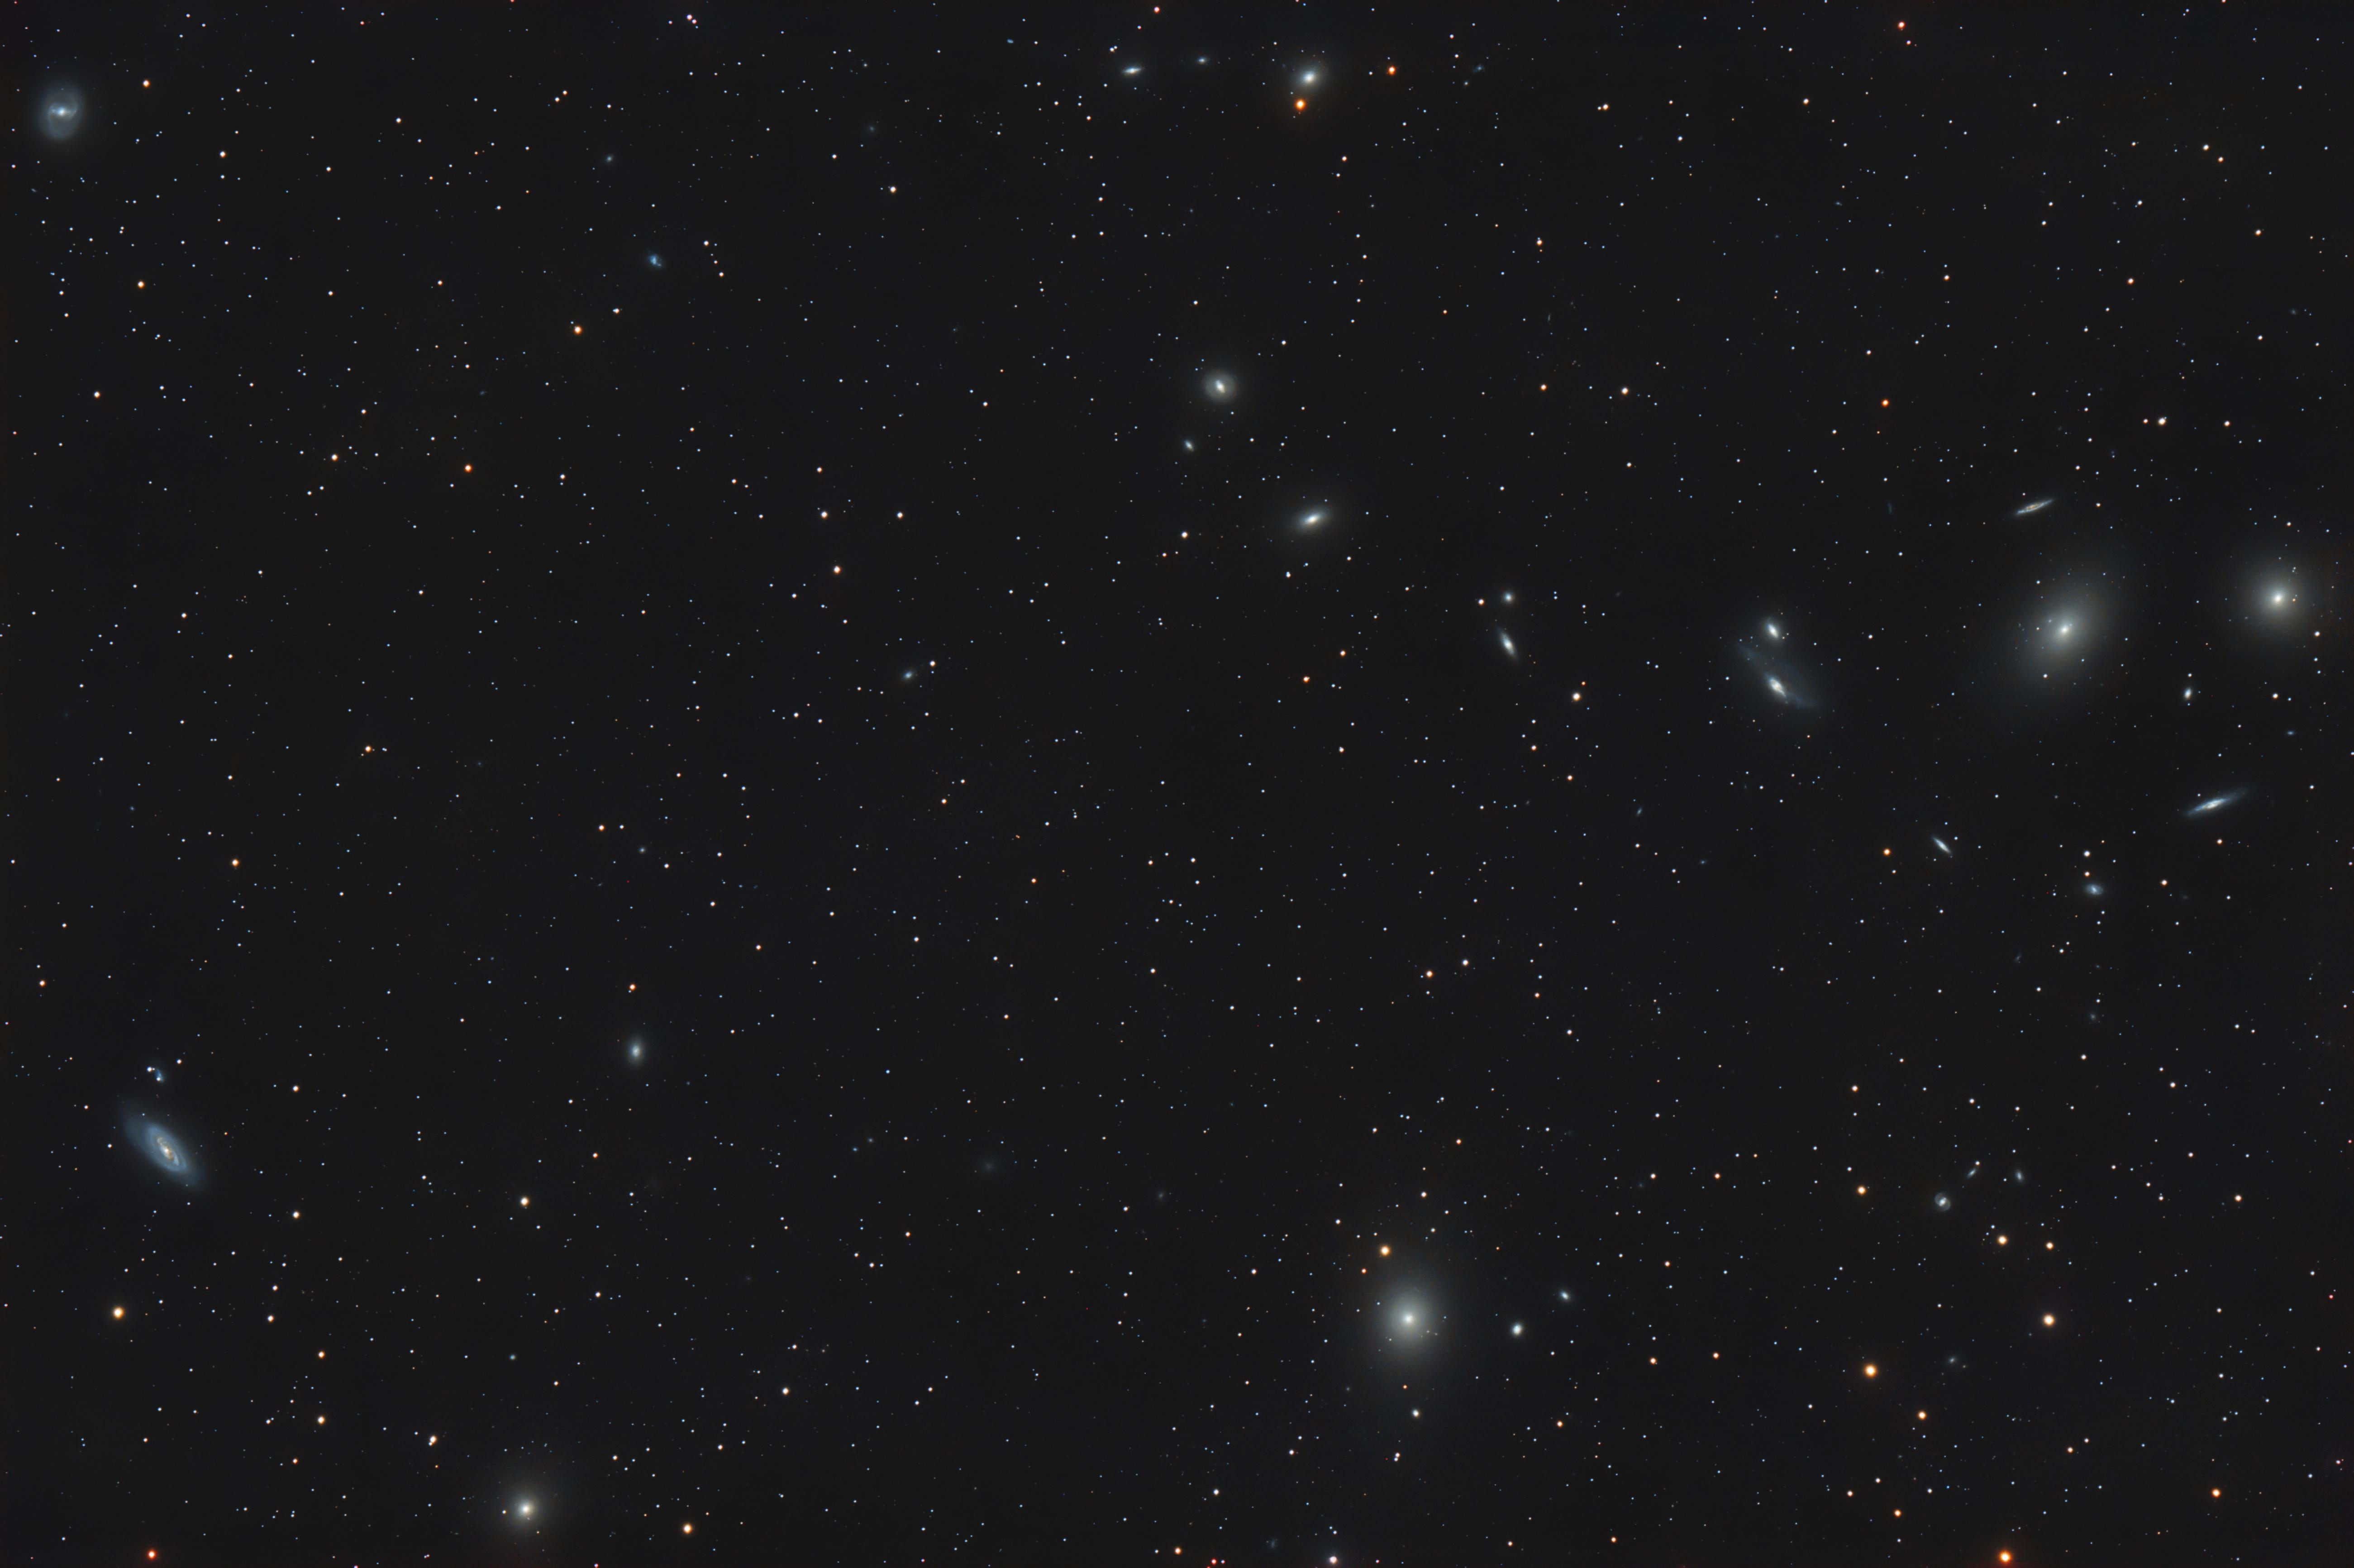 M84, M86, M87, M89, M90, M91, Markarian's Chain